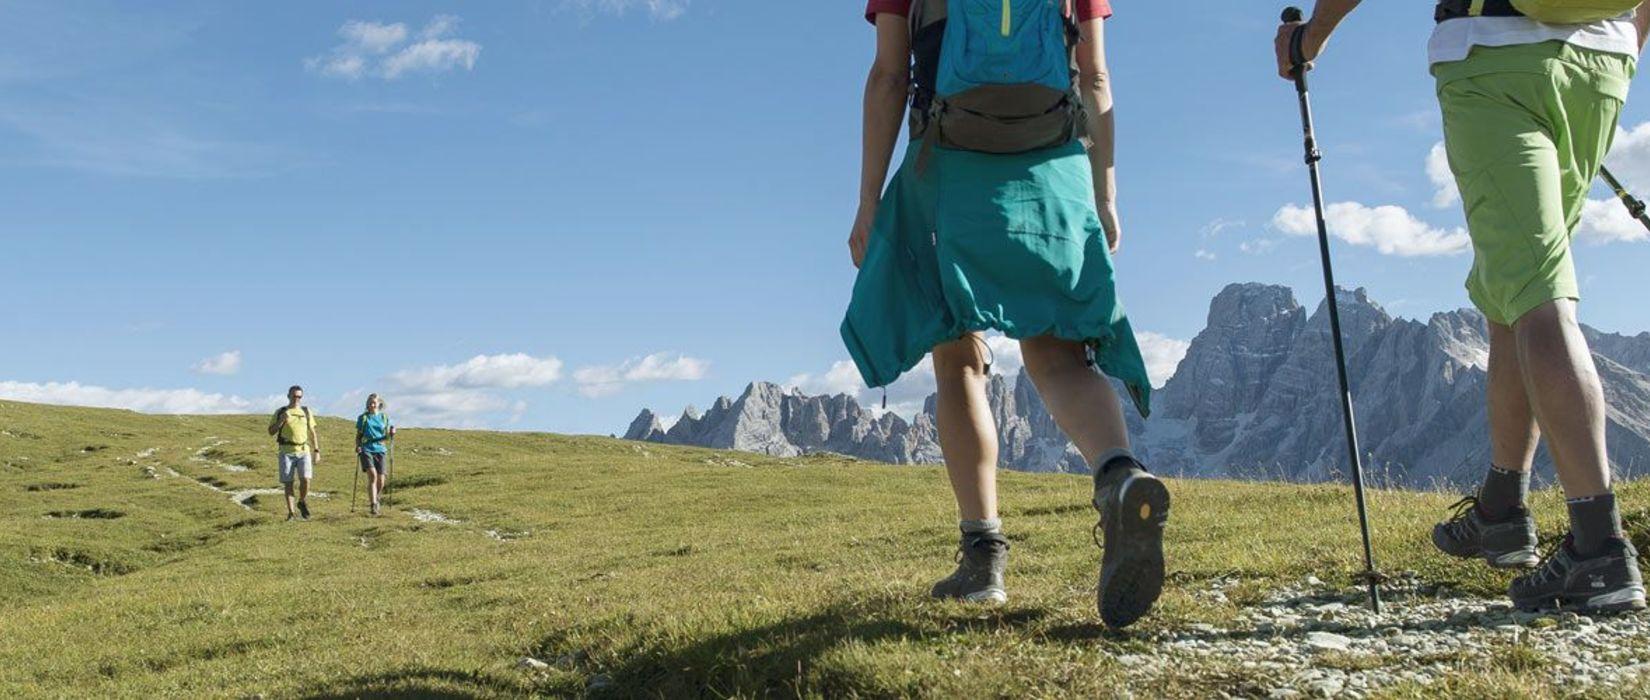 Vivere la natura: esperienze uniche fra le montagne dell'Alto Adige